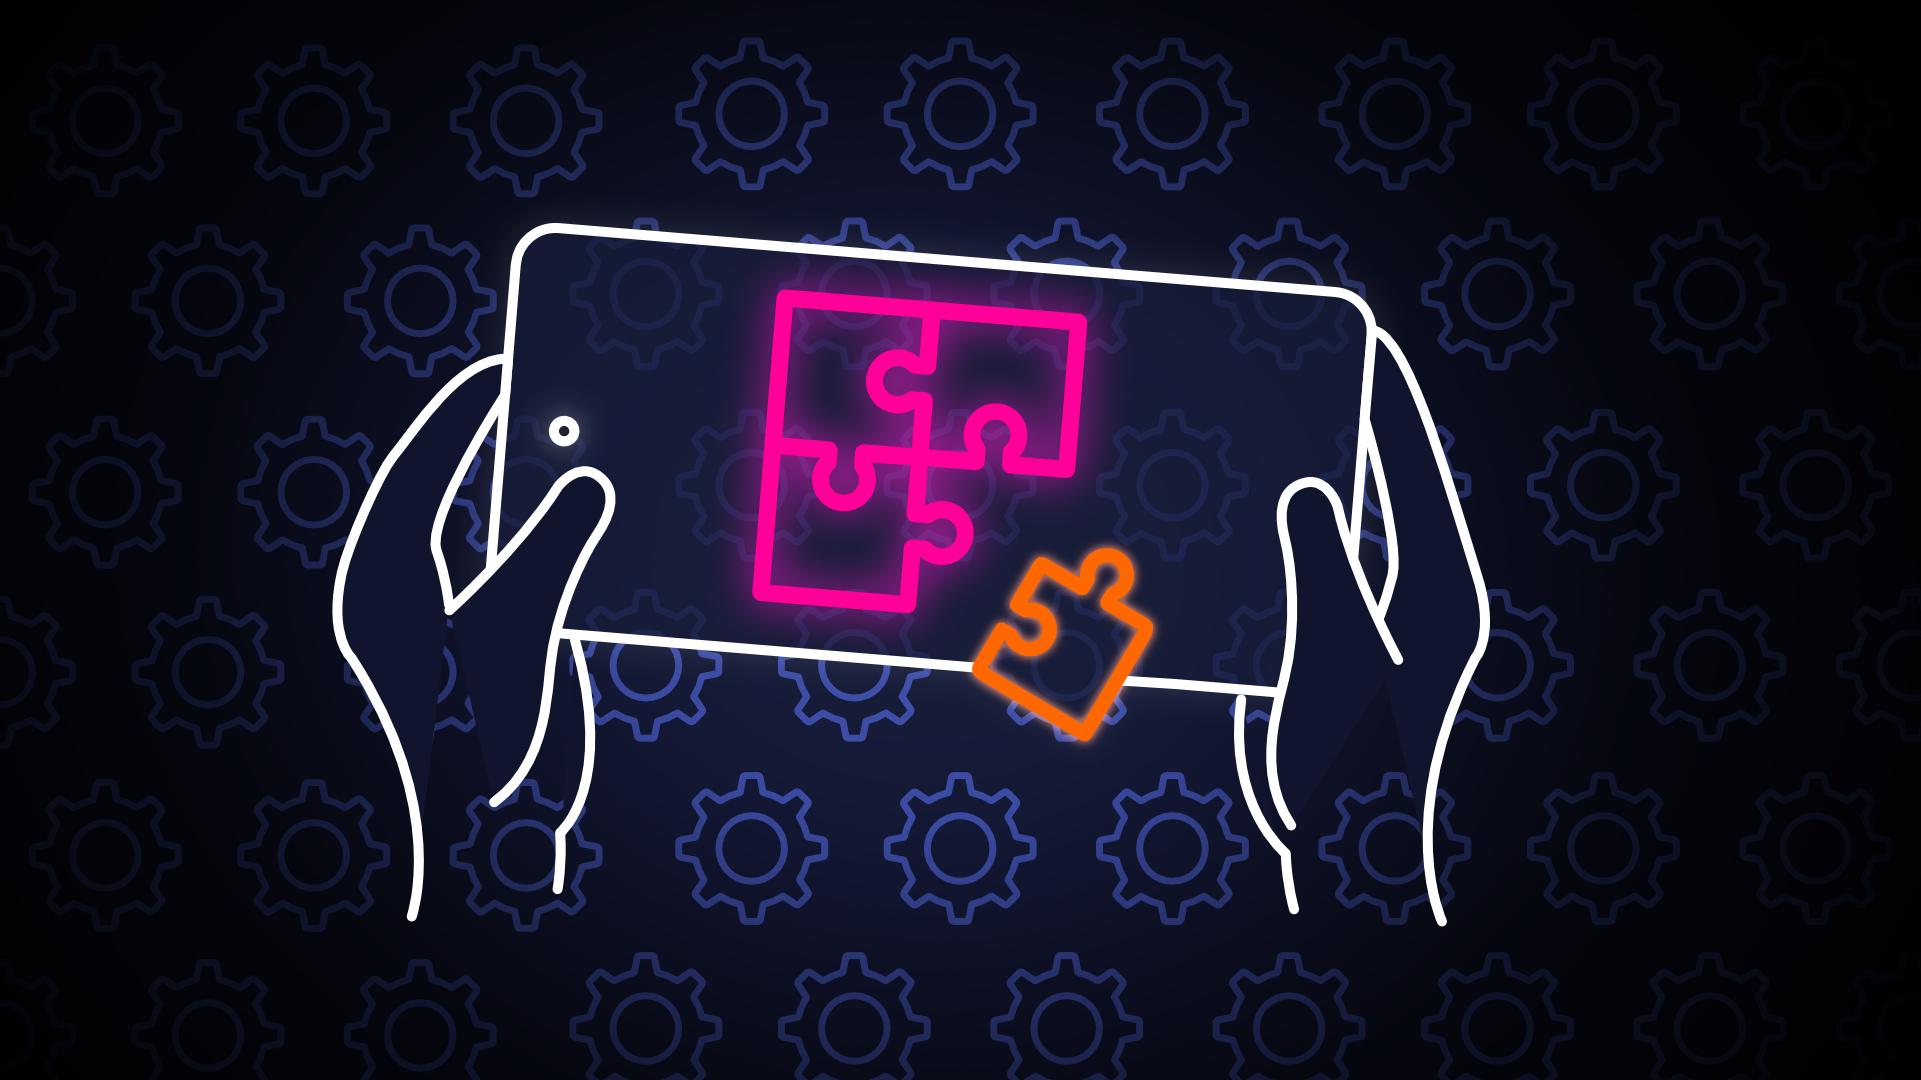 Les Meilleurs Jeux De Réflexion Gratuits Et Payants Sur Android dedans Jeux De Lettres Gratuits